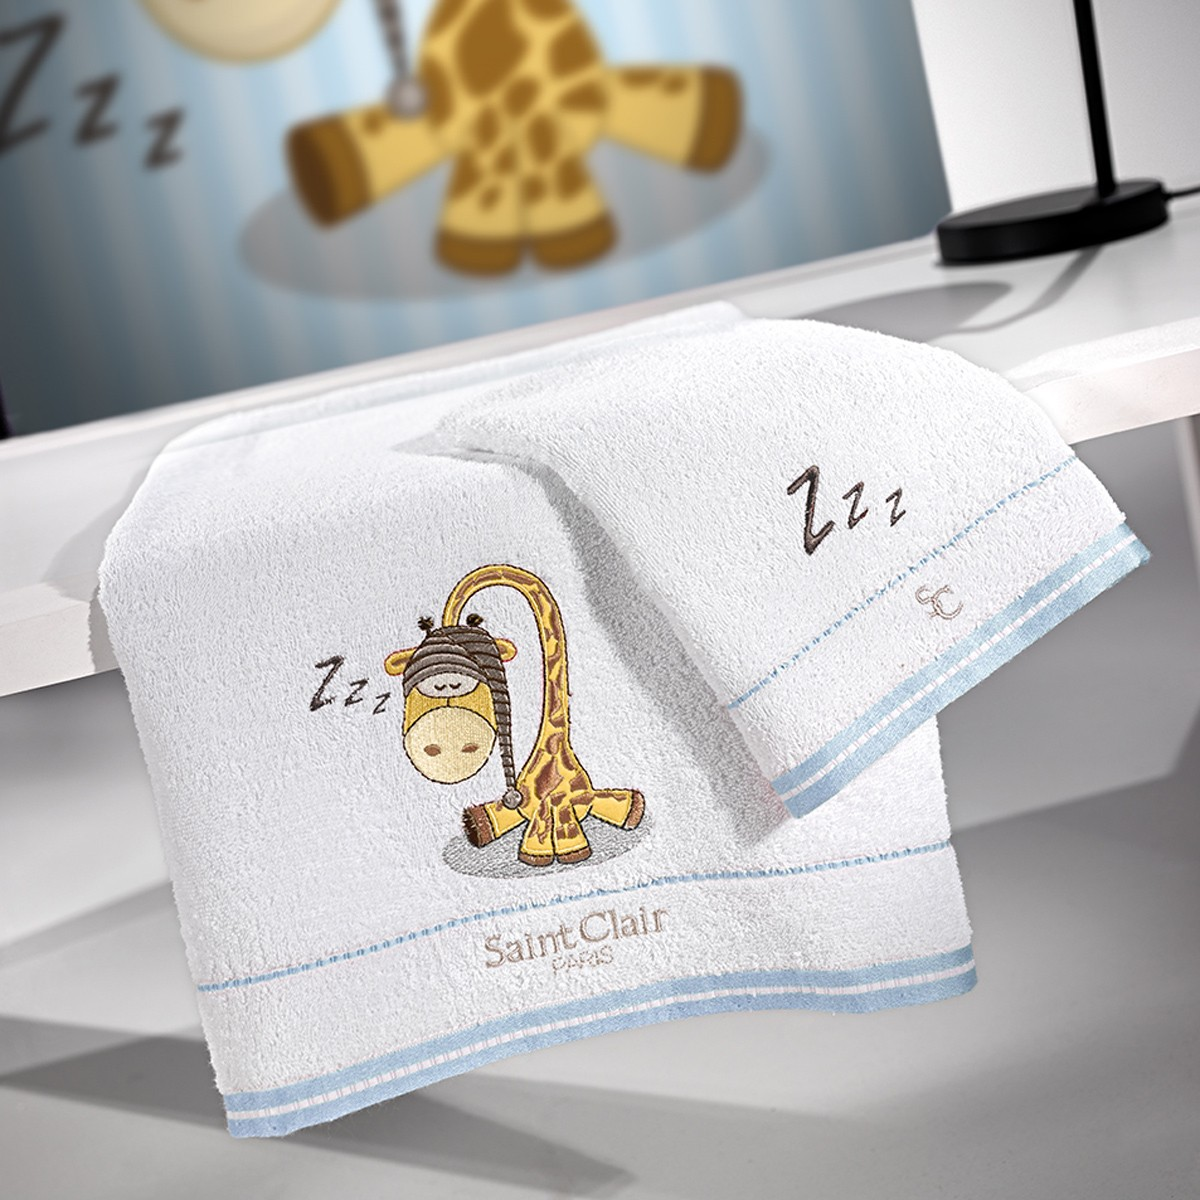 Παιδικές Πετσέτες (Σετ 2τμχ) Saint Clair Sleepy Blue